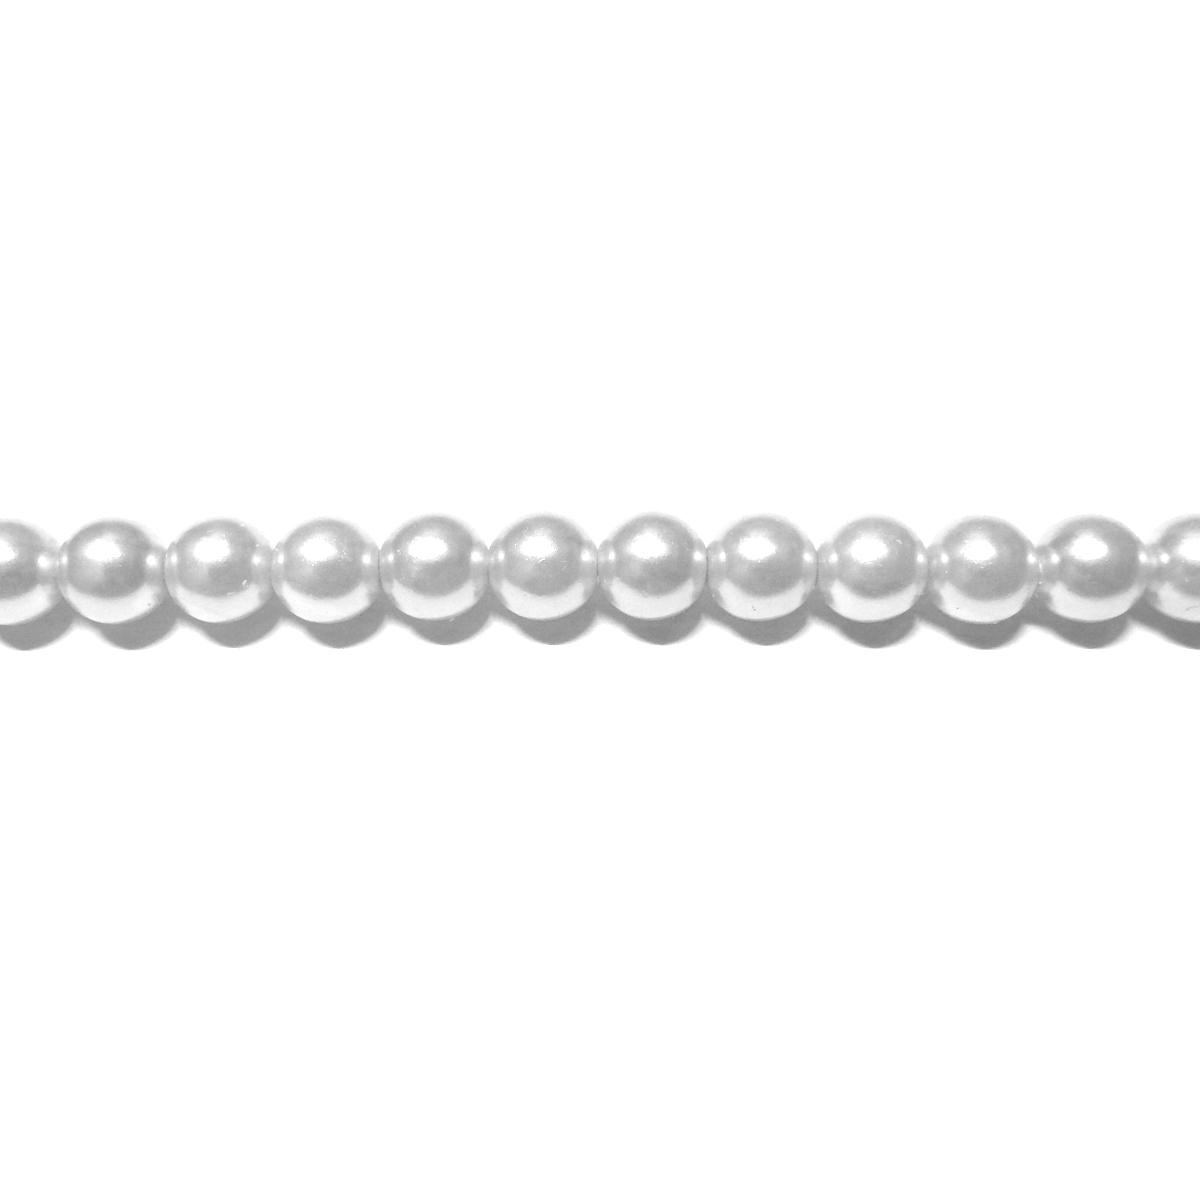 Perla Cristal Redonda 4mm - Color Blanco